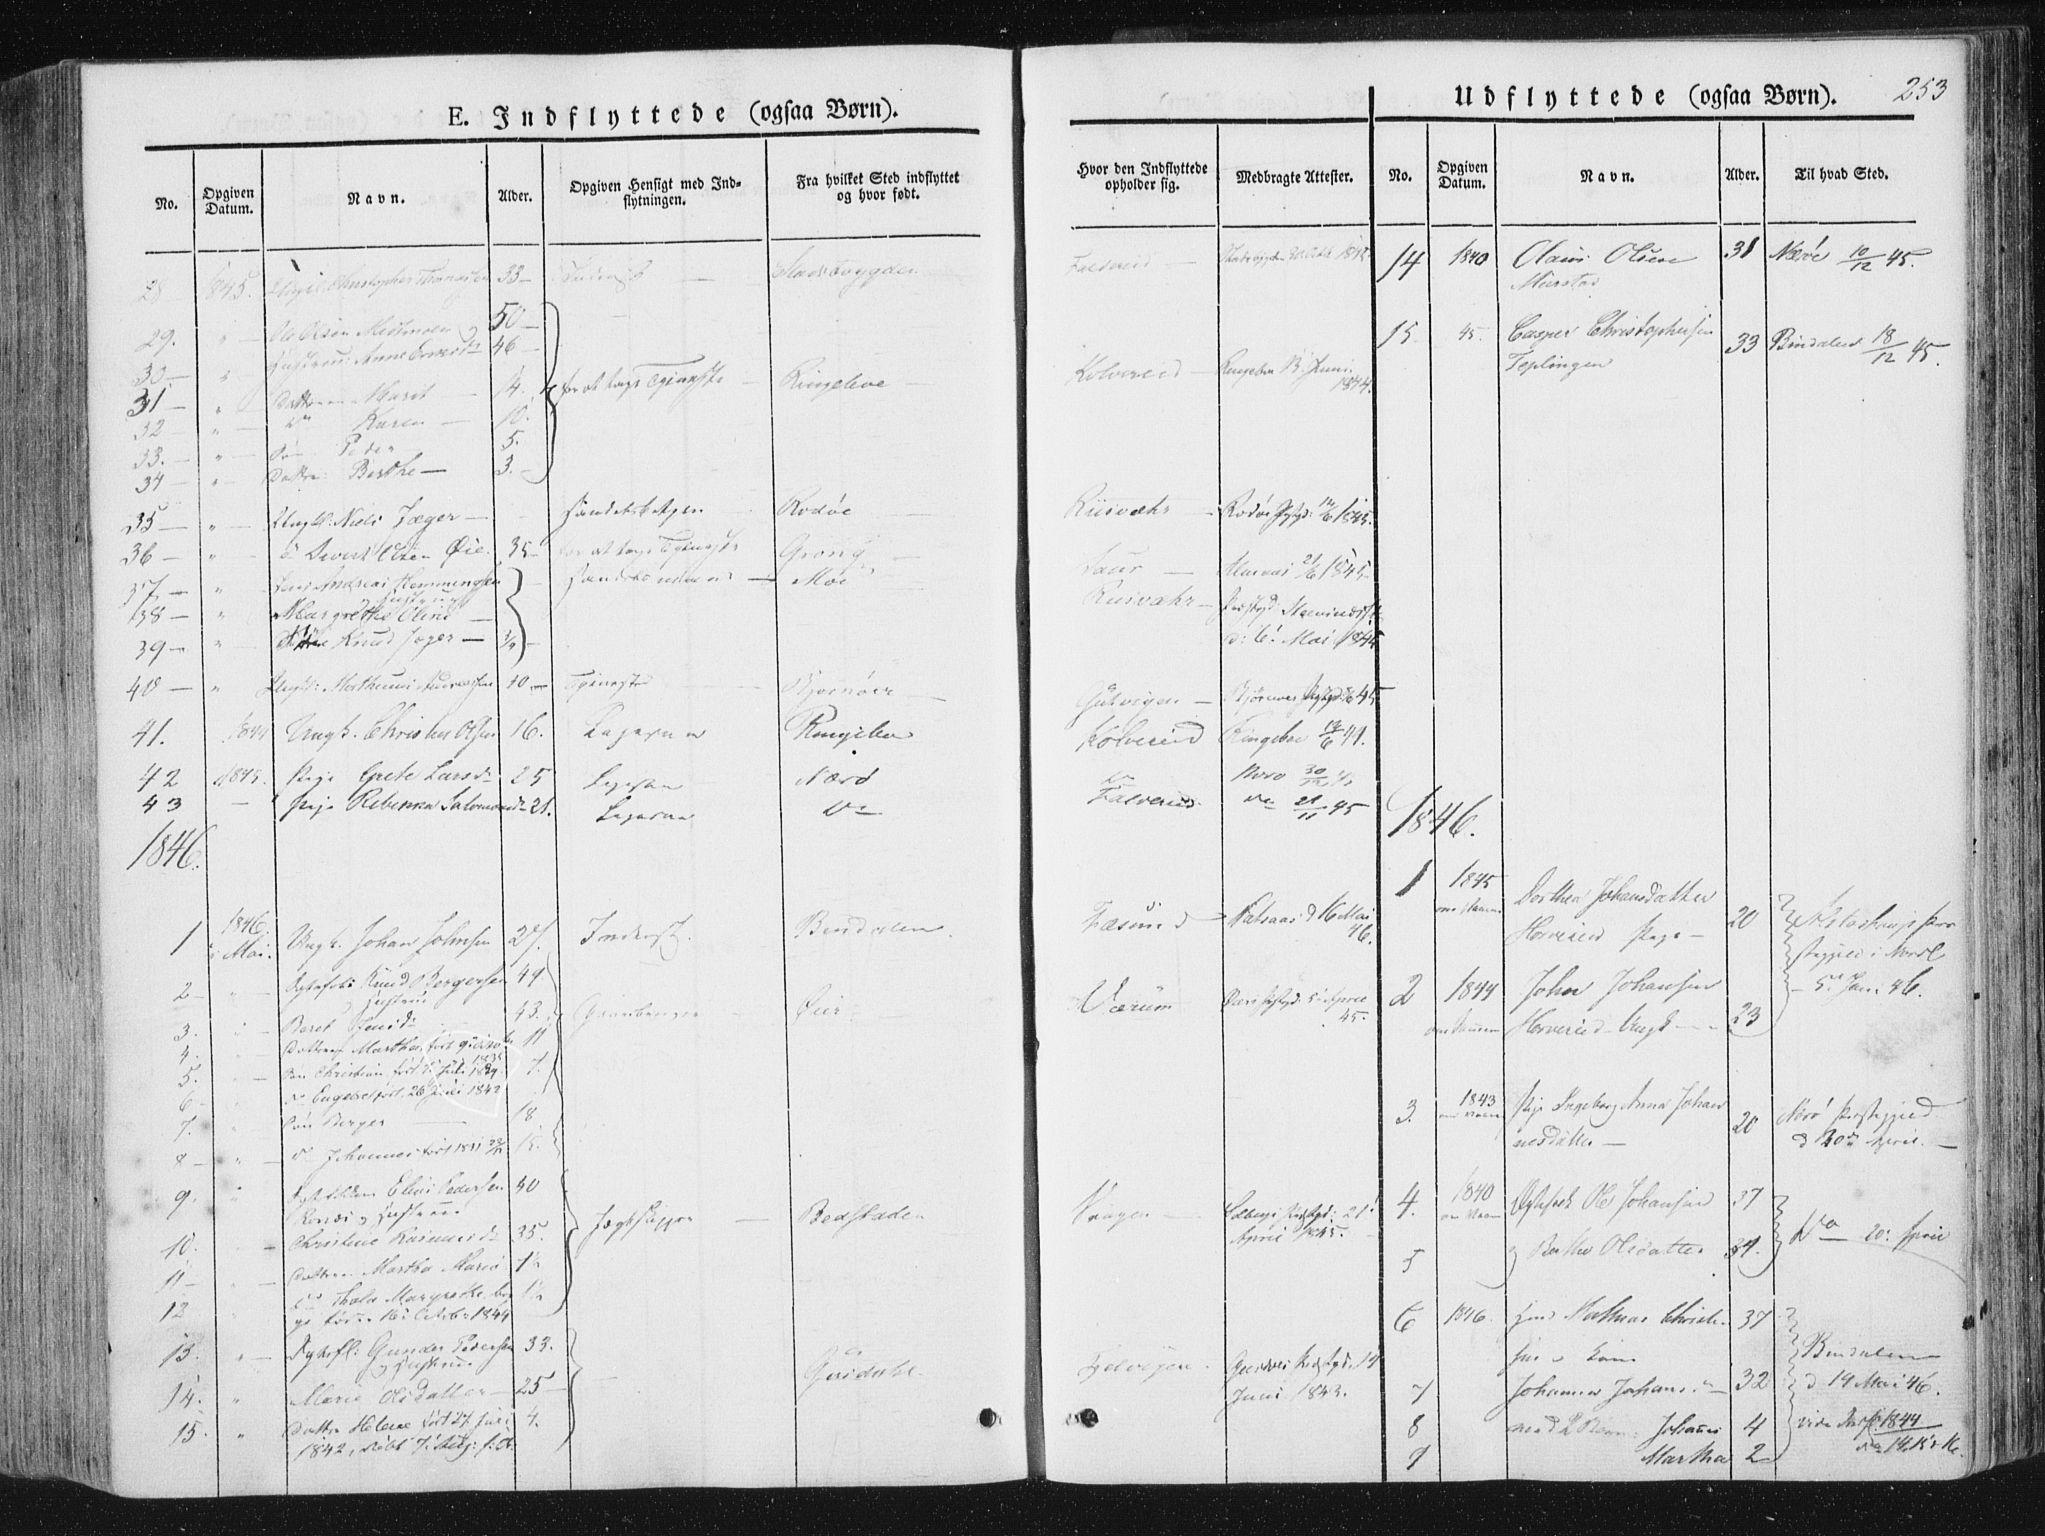 SAT, Ministerialprotokoller, klokkerbøker og fødselsregistre - Nord-Trøndelag, 780/L0640: Parish register (official) no. 780A05, 1845-1856, p. 253